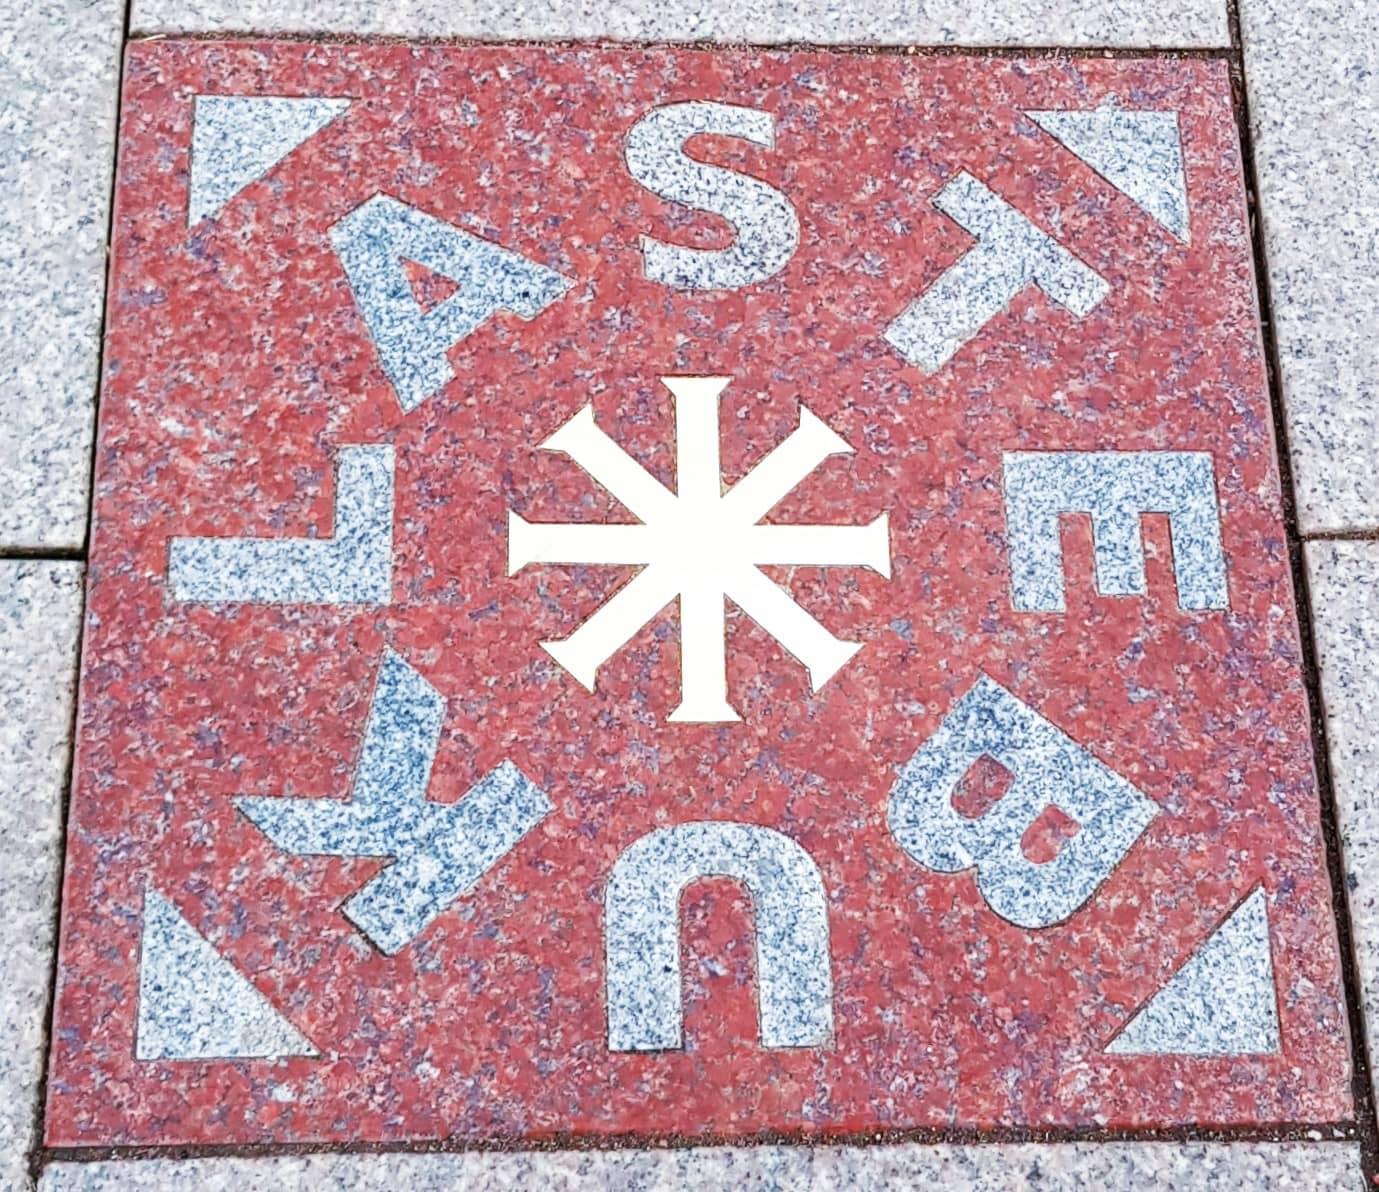 Placa que marca el final de la cadena baltíca